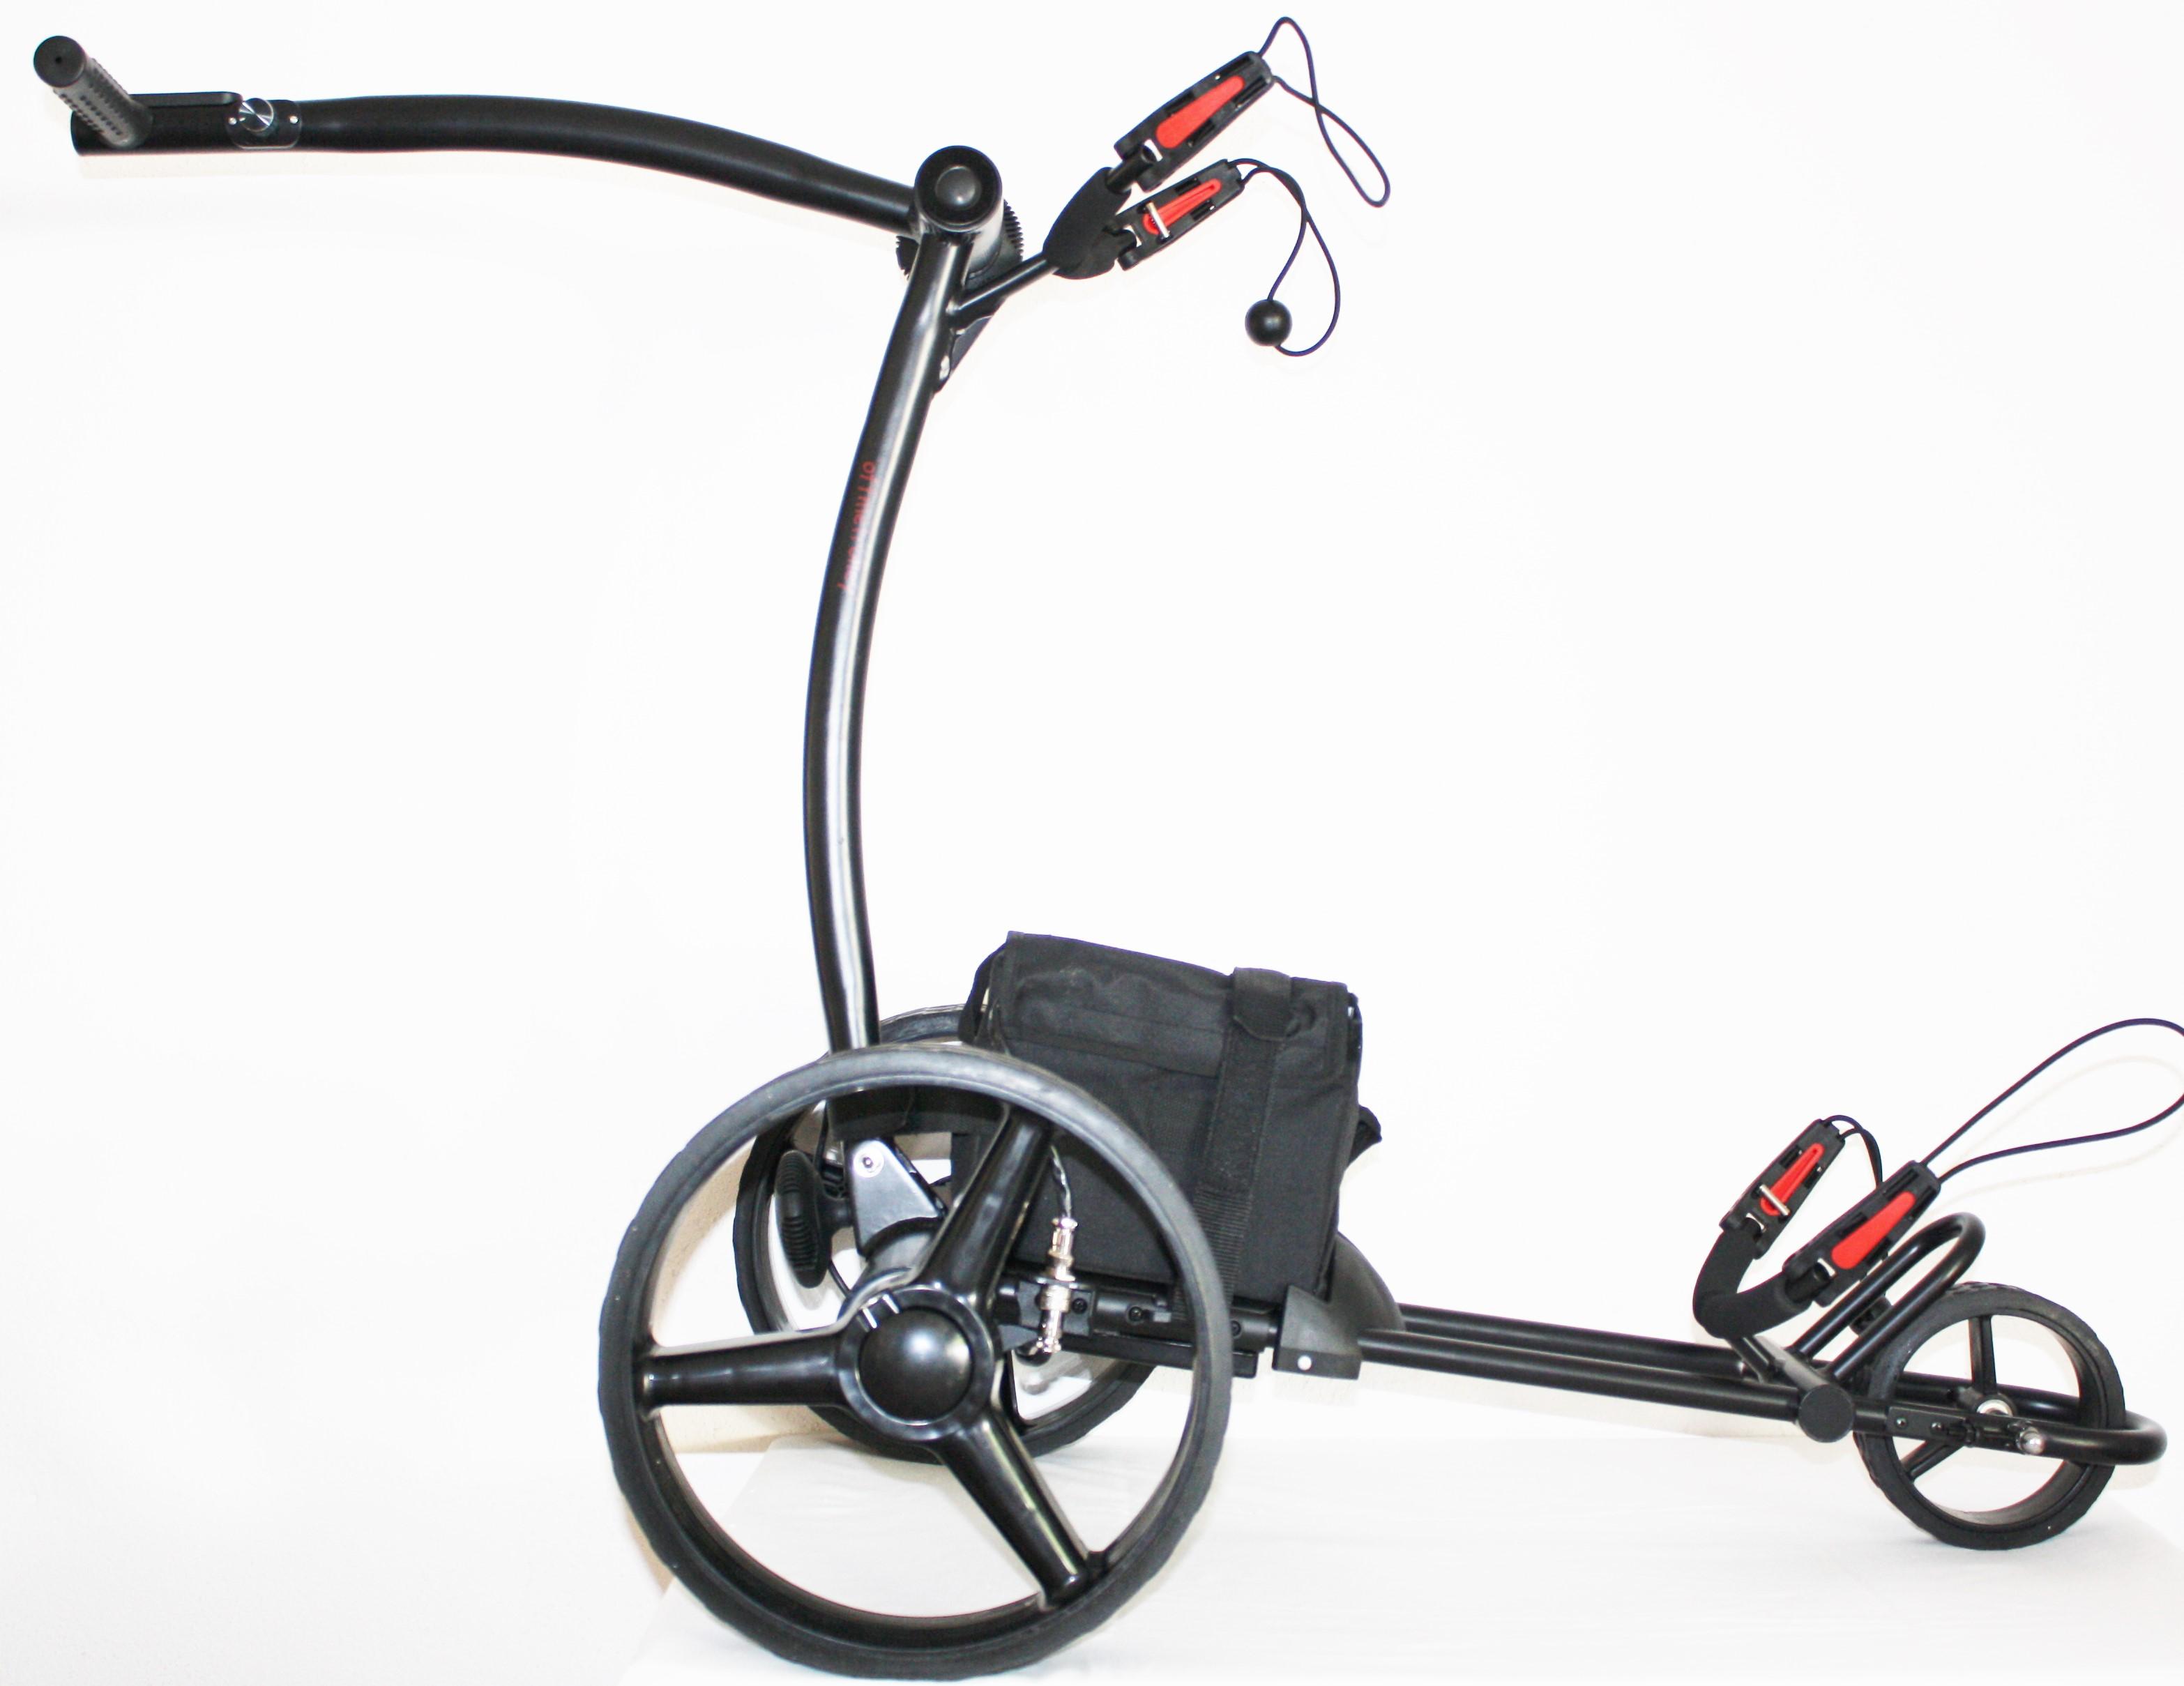 Electric Golf Caddy >> Zx Golf Caddy Electric Golf Trolley Black Usb